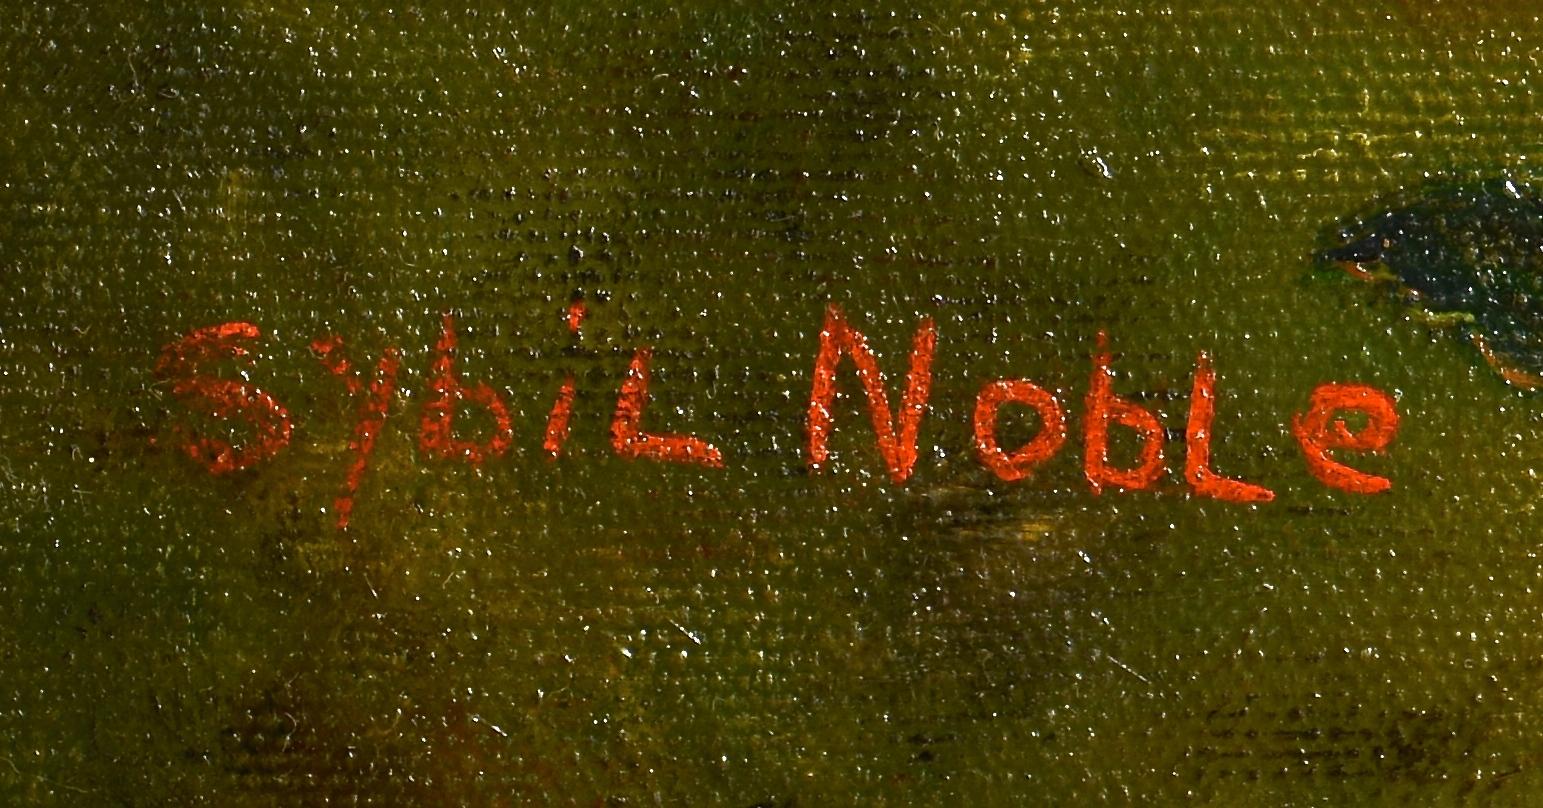 Lot 226: 2 Sybil Noble Murray Acrylic on Canvas Works